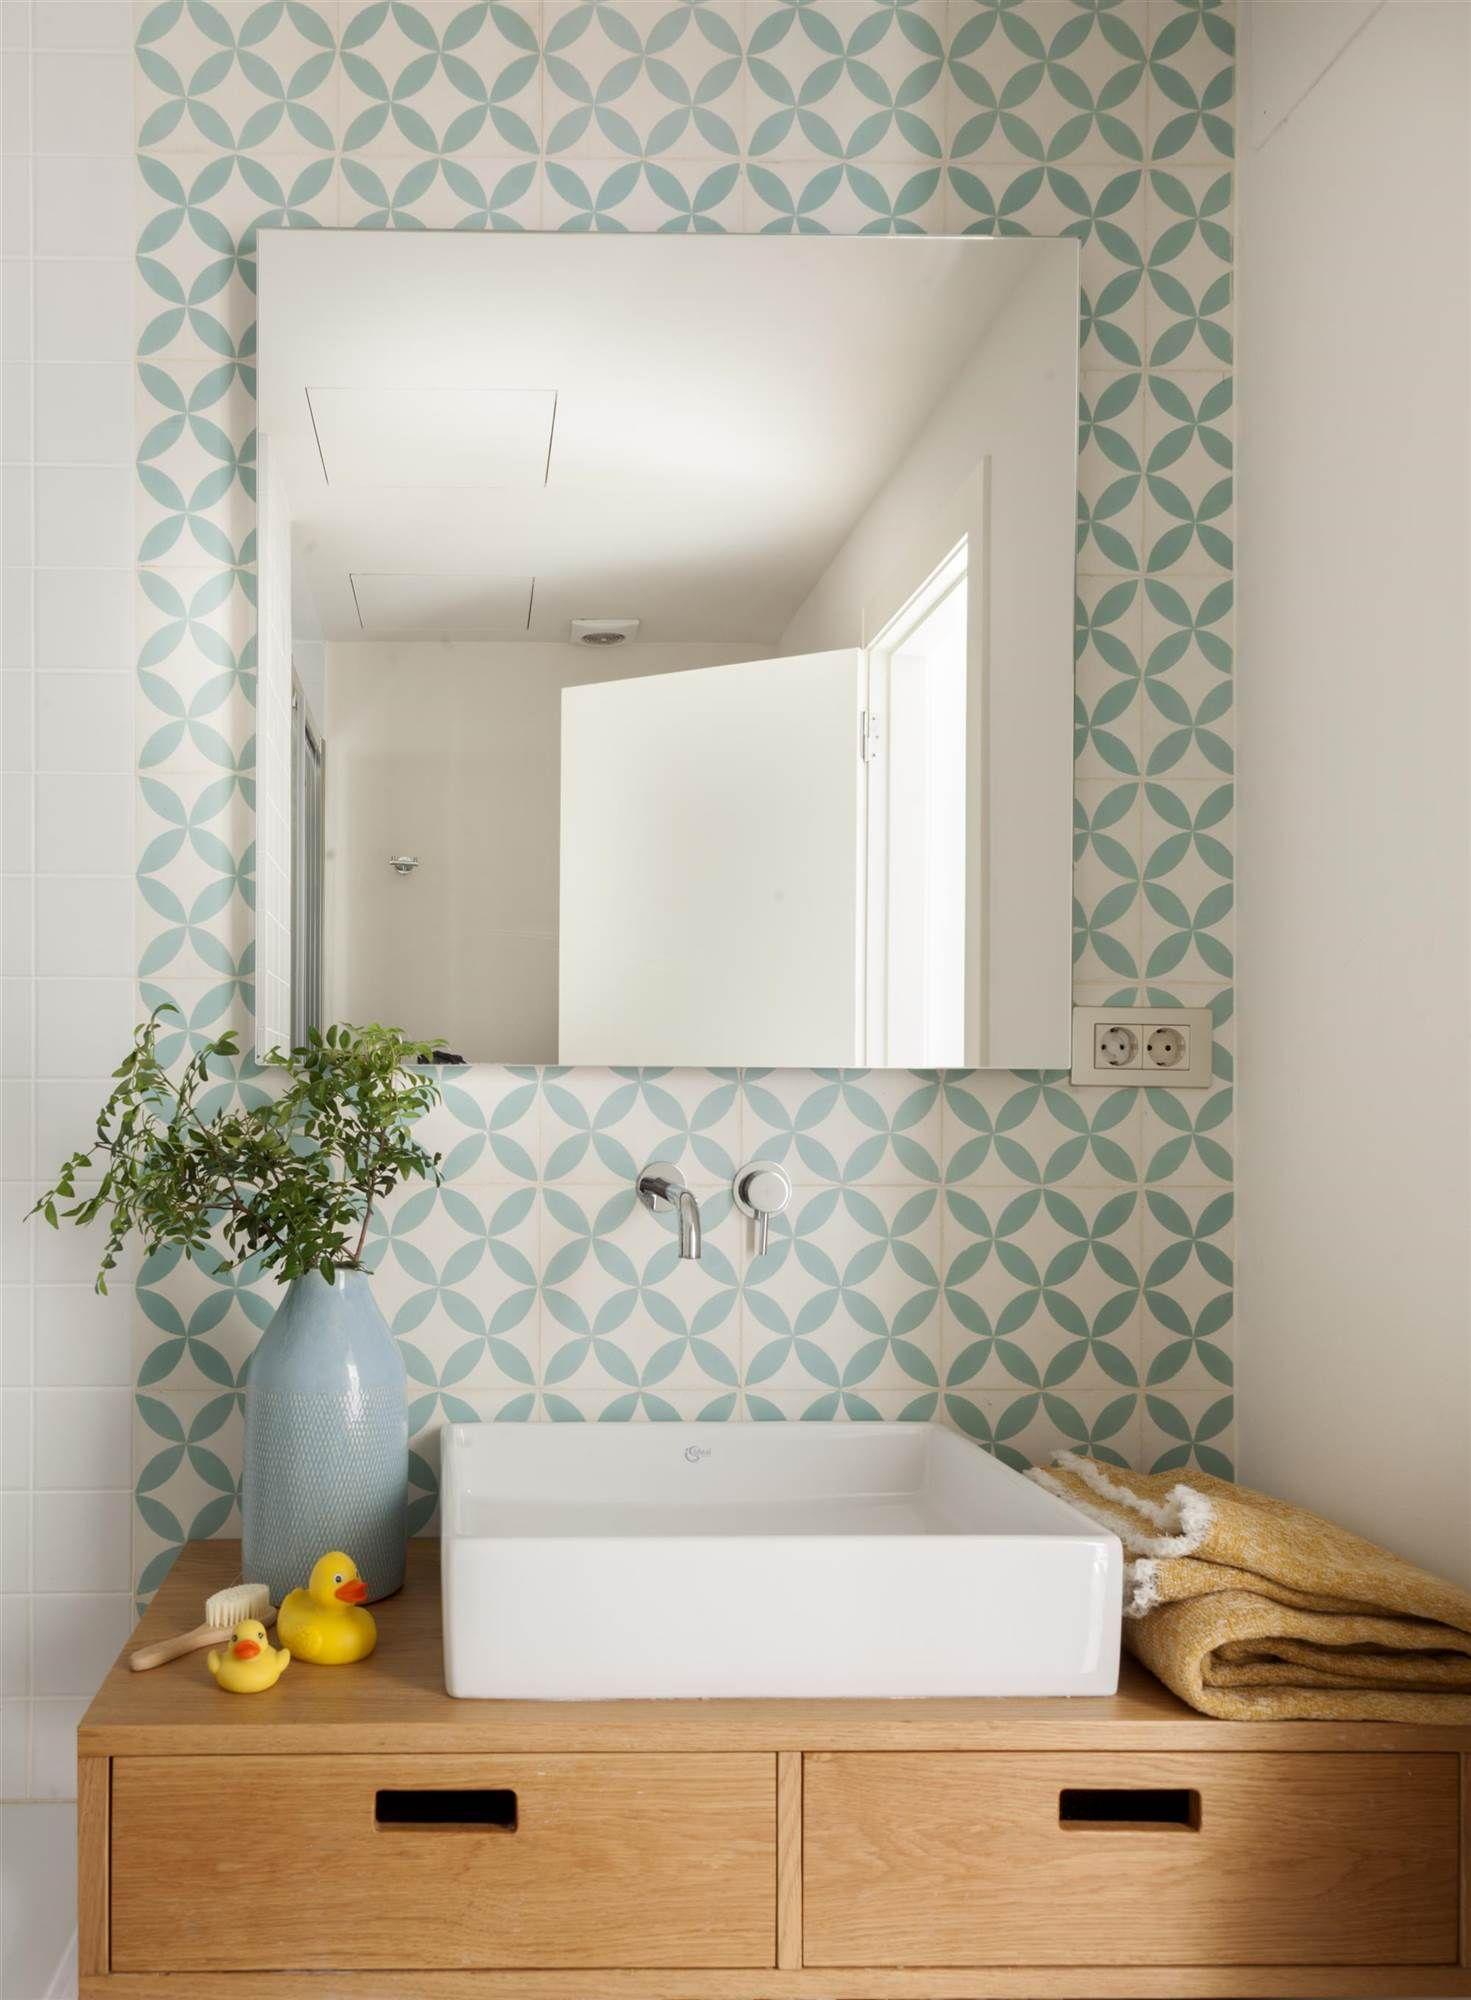 00469143_o Jpg Zona Del Mueble De Balo Con Azulejos